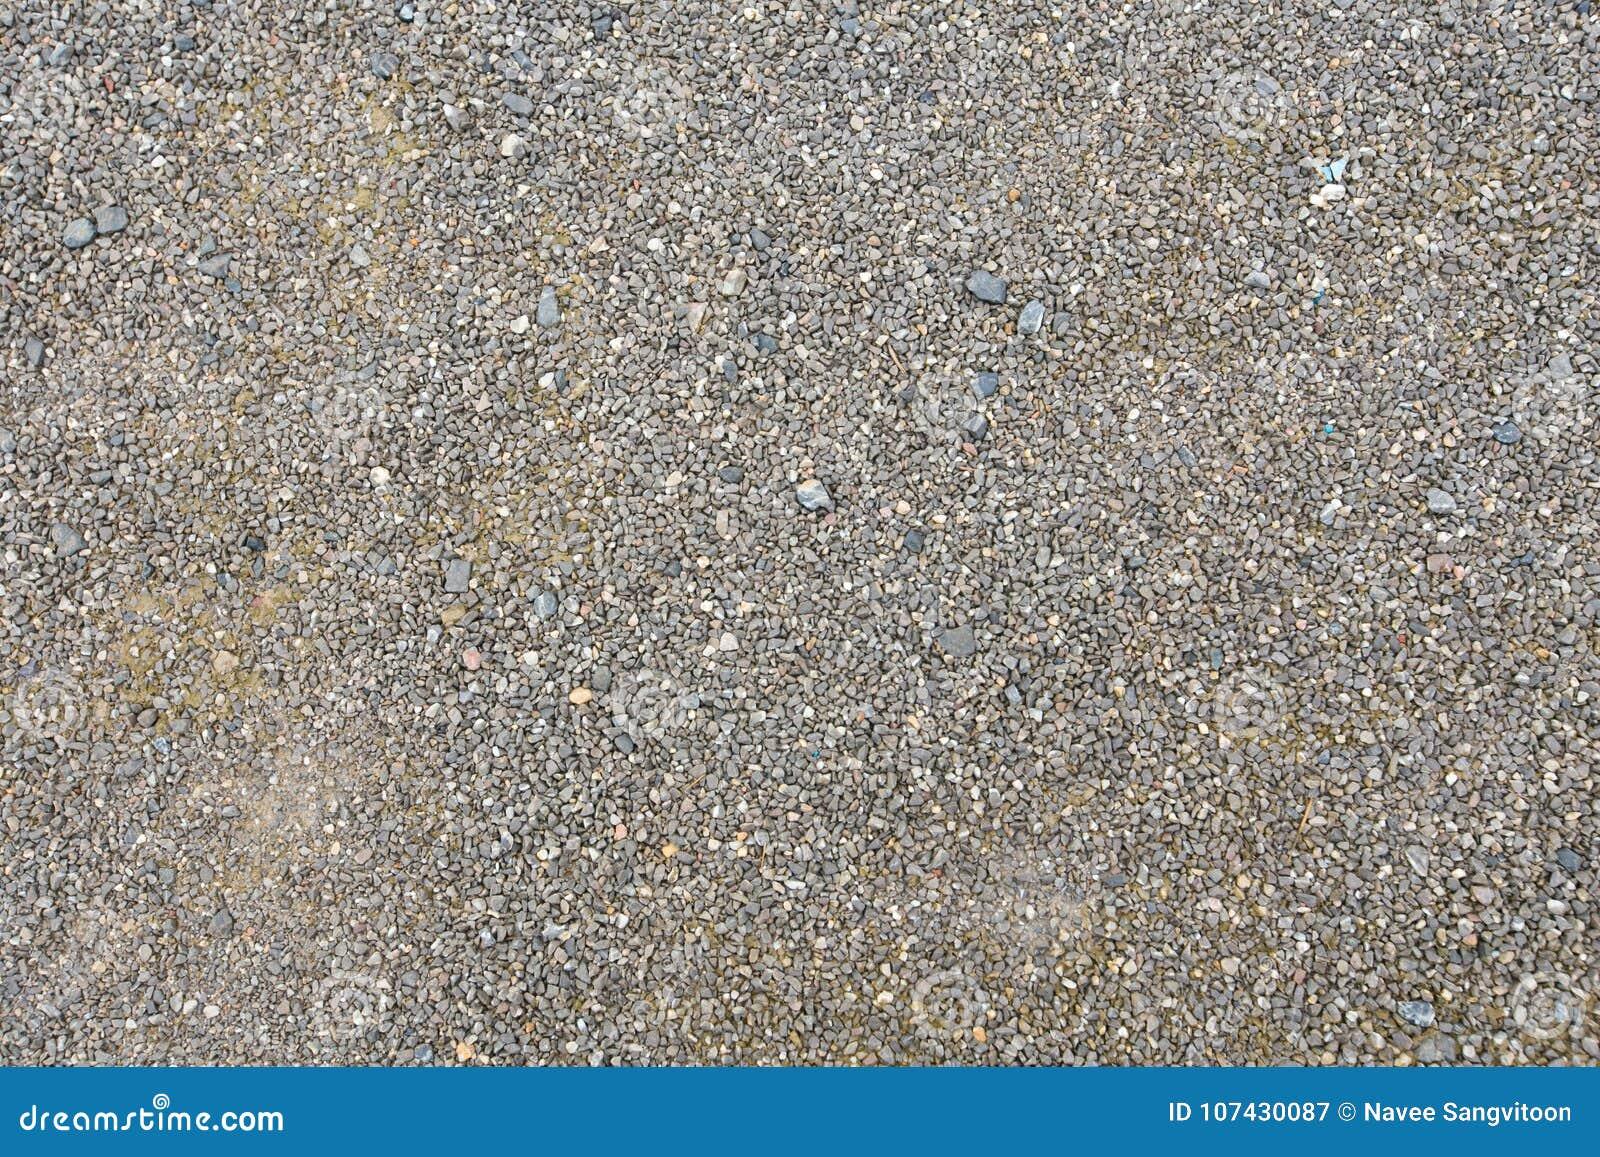 Coarse gravel, black and gray